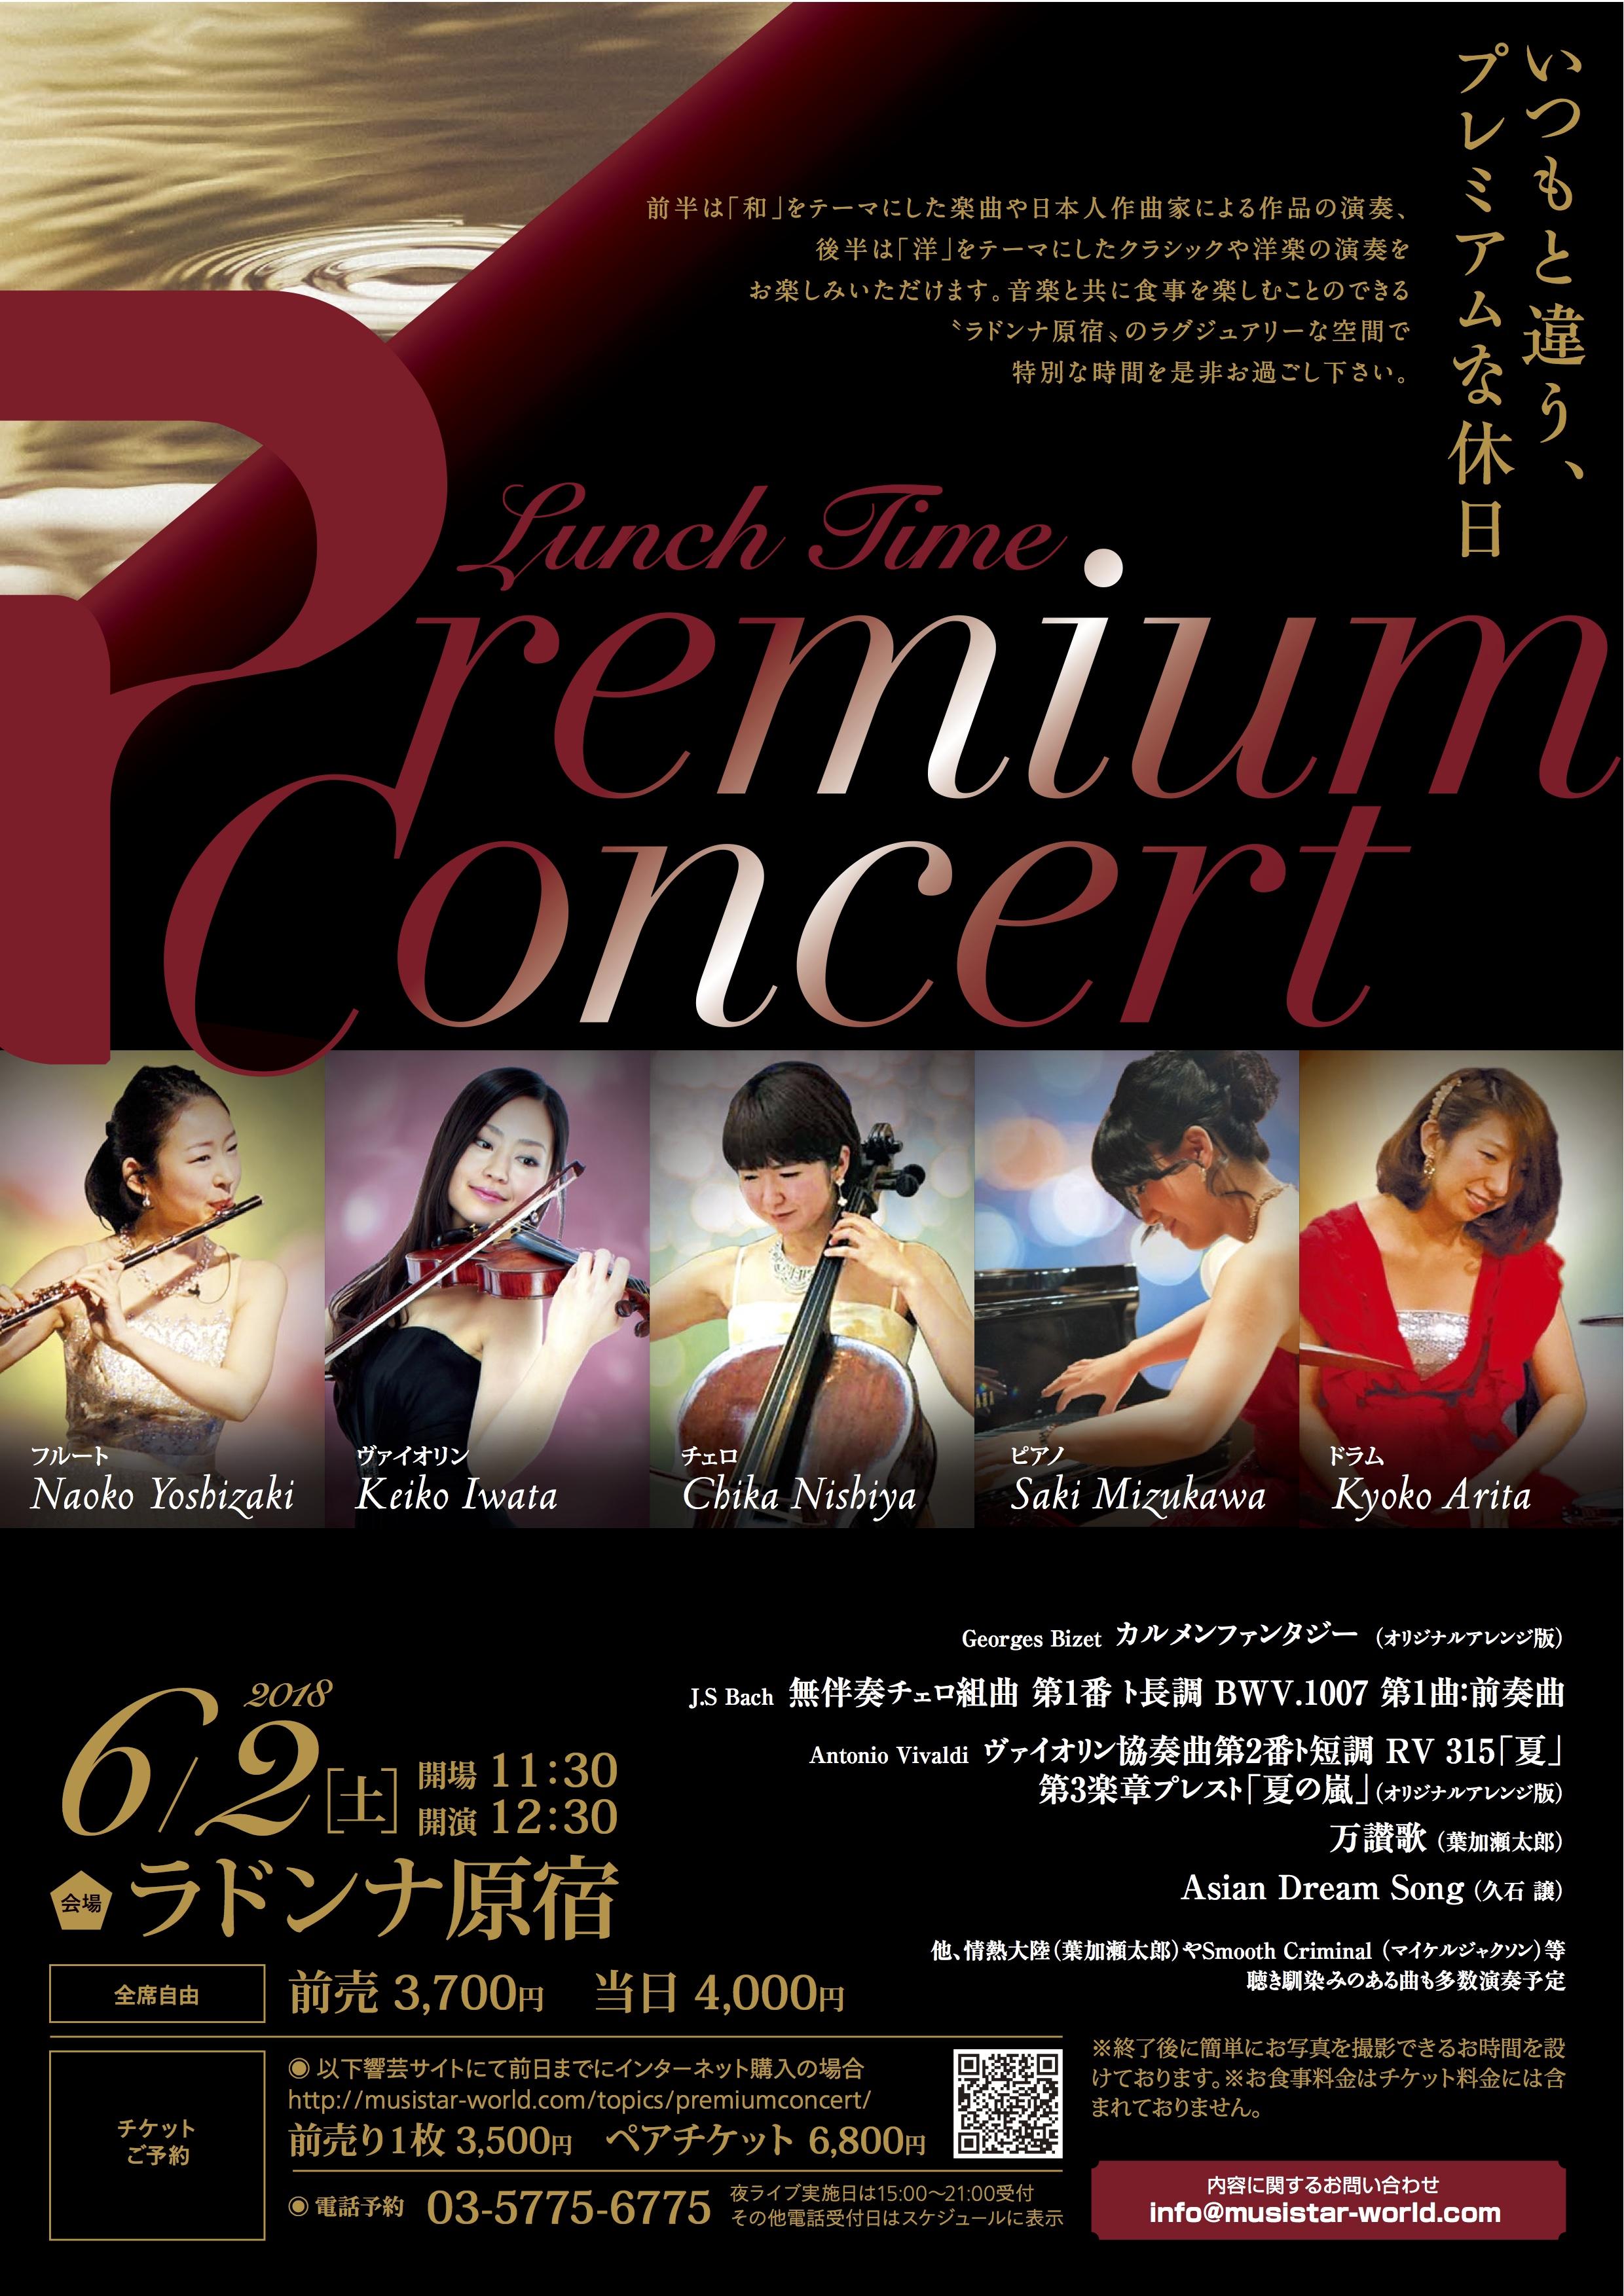 Premium Concert